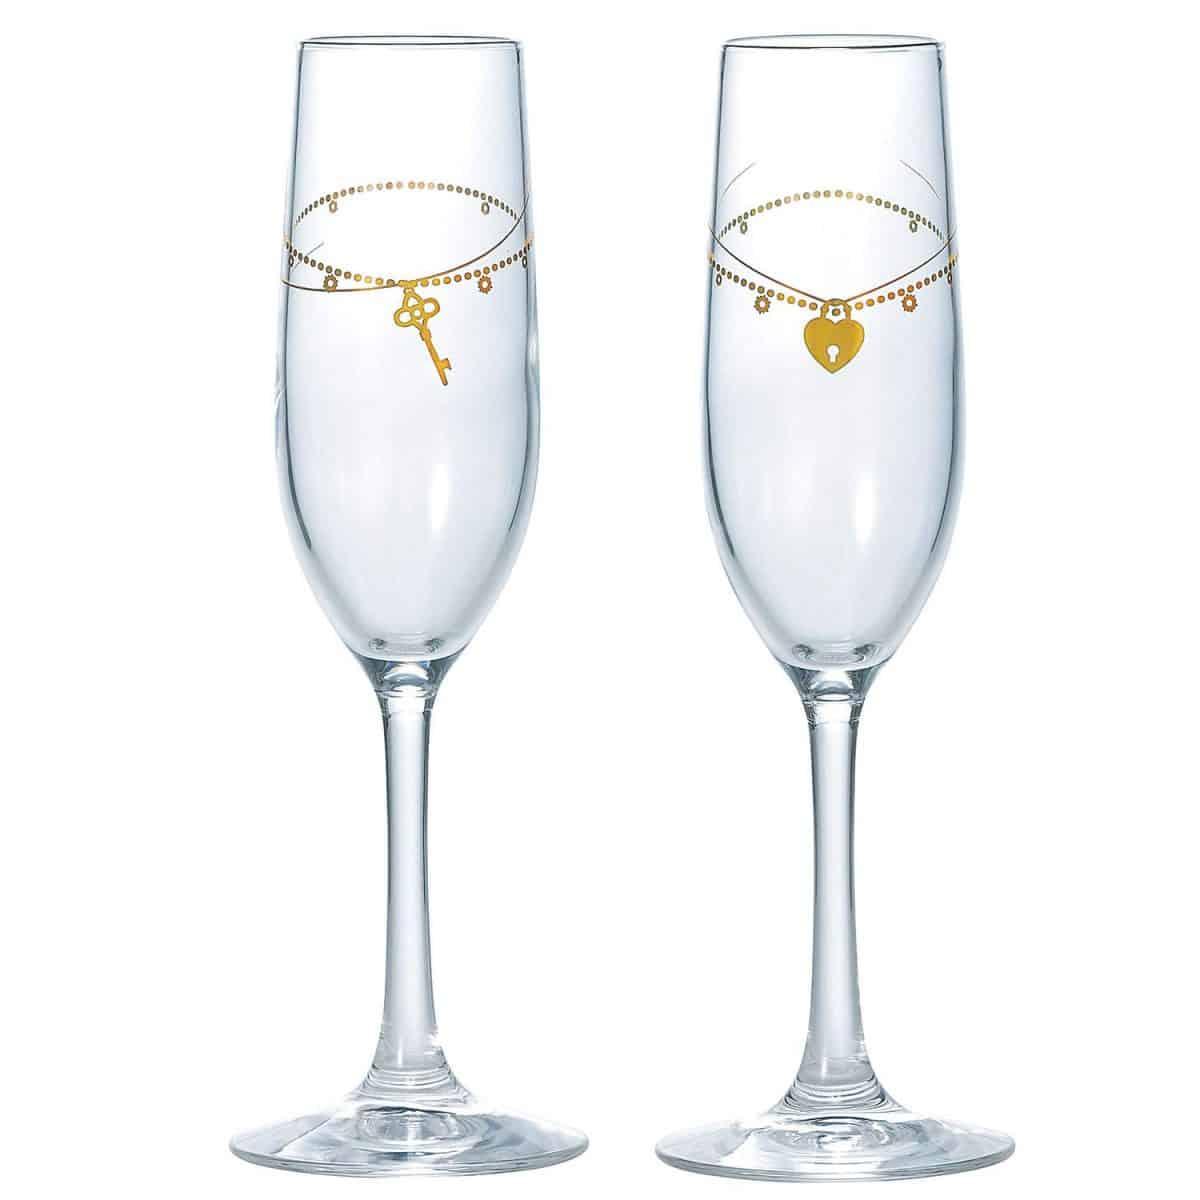 東洋佐々木ガラス ペアシャンパングラス ゴールド 170ml ベネディーレ キー&ロック 日本製 G098-S105 2個入り